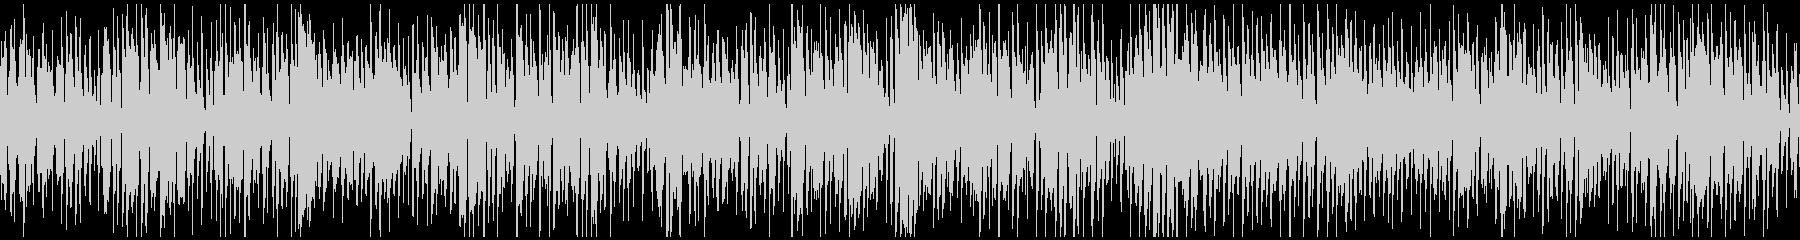 ハッピーわくわくジプシージャズ※ループ版の未再生の波形